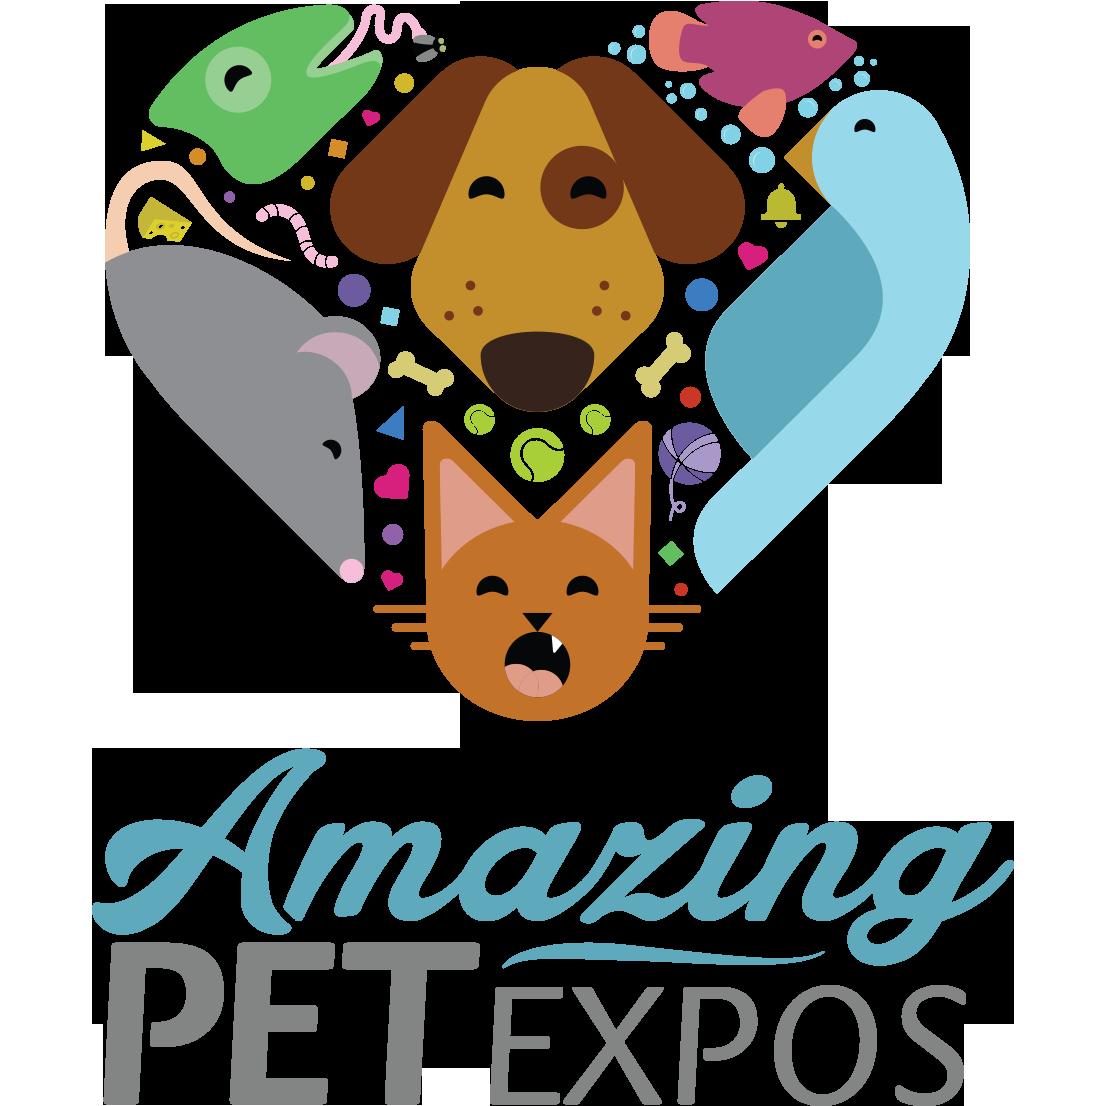 Volunteering clipart calling all. Amazing pet expos volunteer